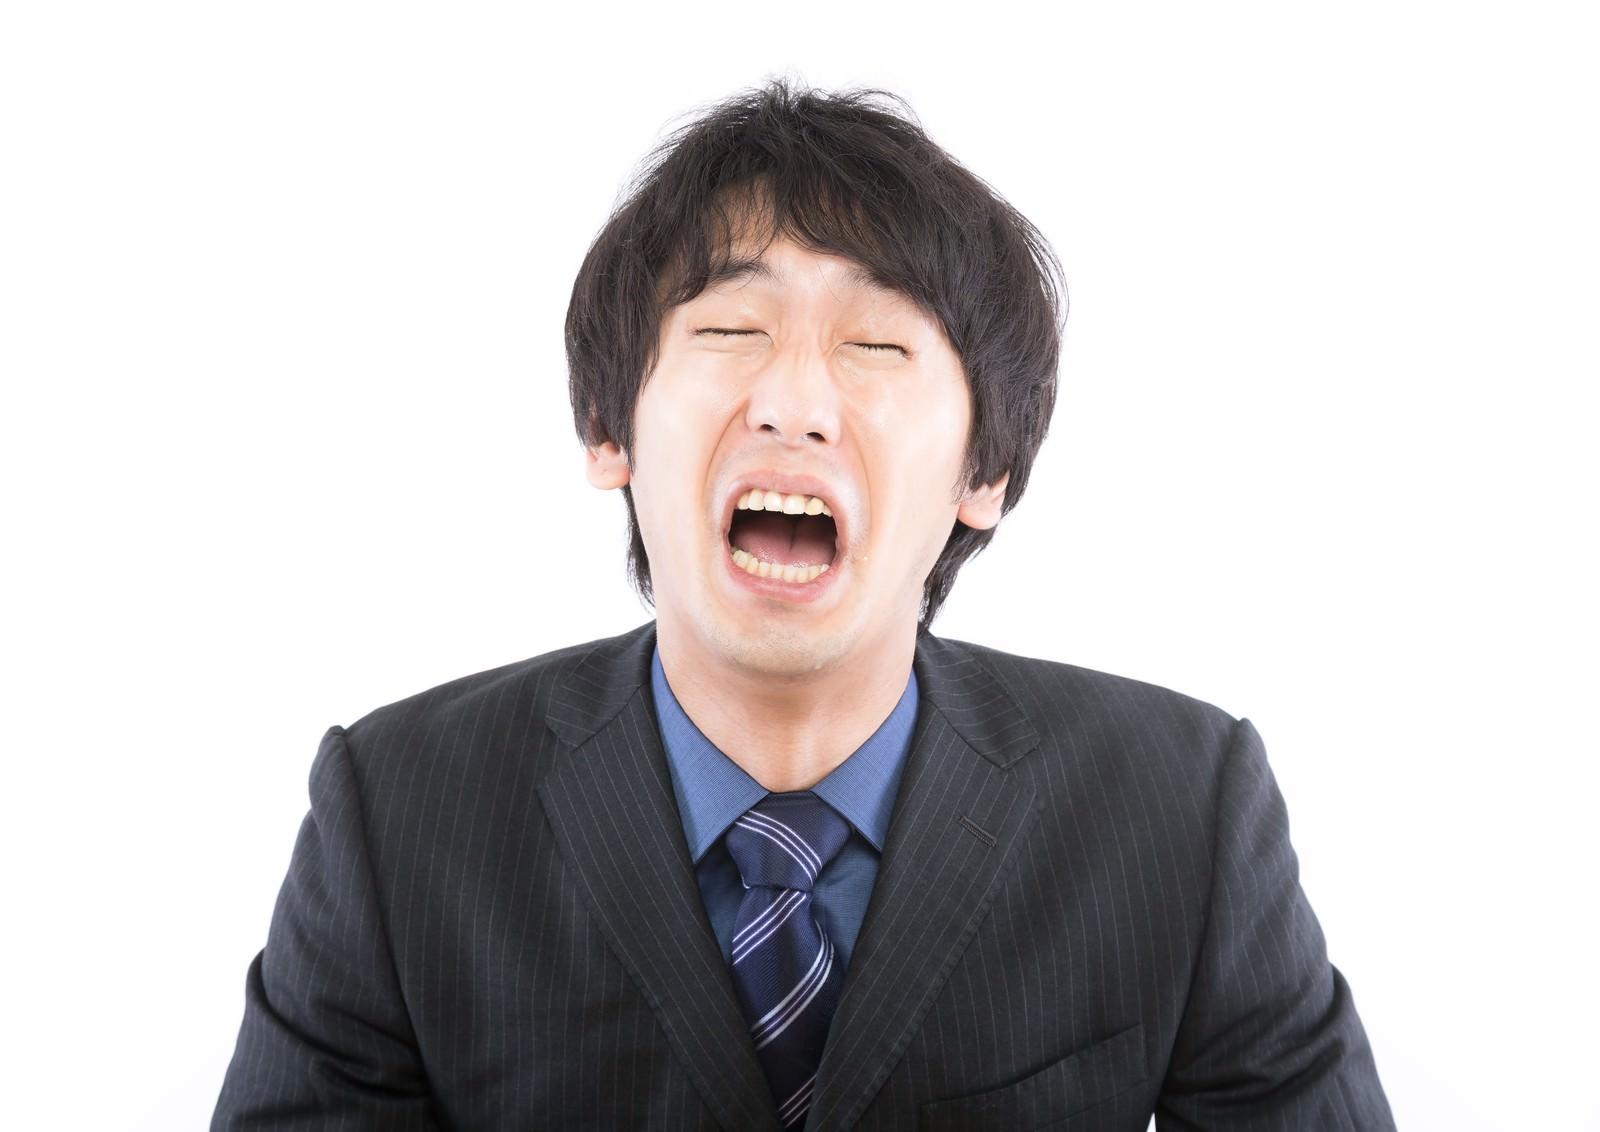 「この日本・・・世の中を変えたい男性この日本・・・世の中を変えたい男性」[モデル:大川竜弥]のフリー写真素材